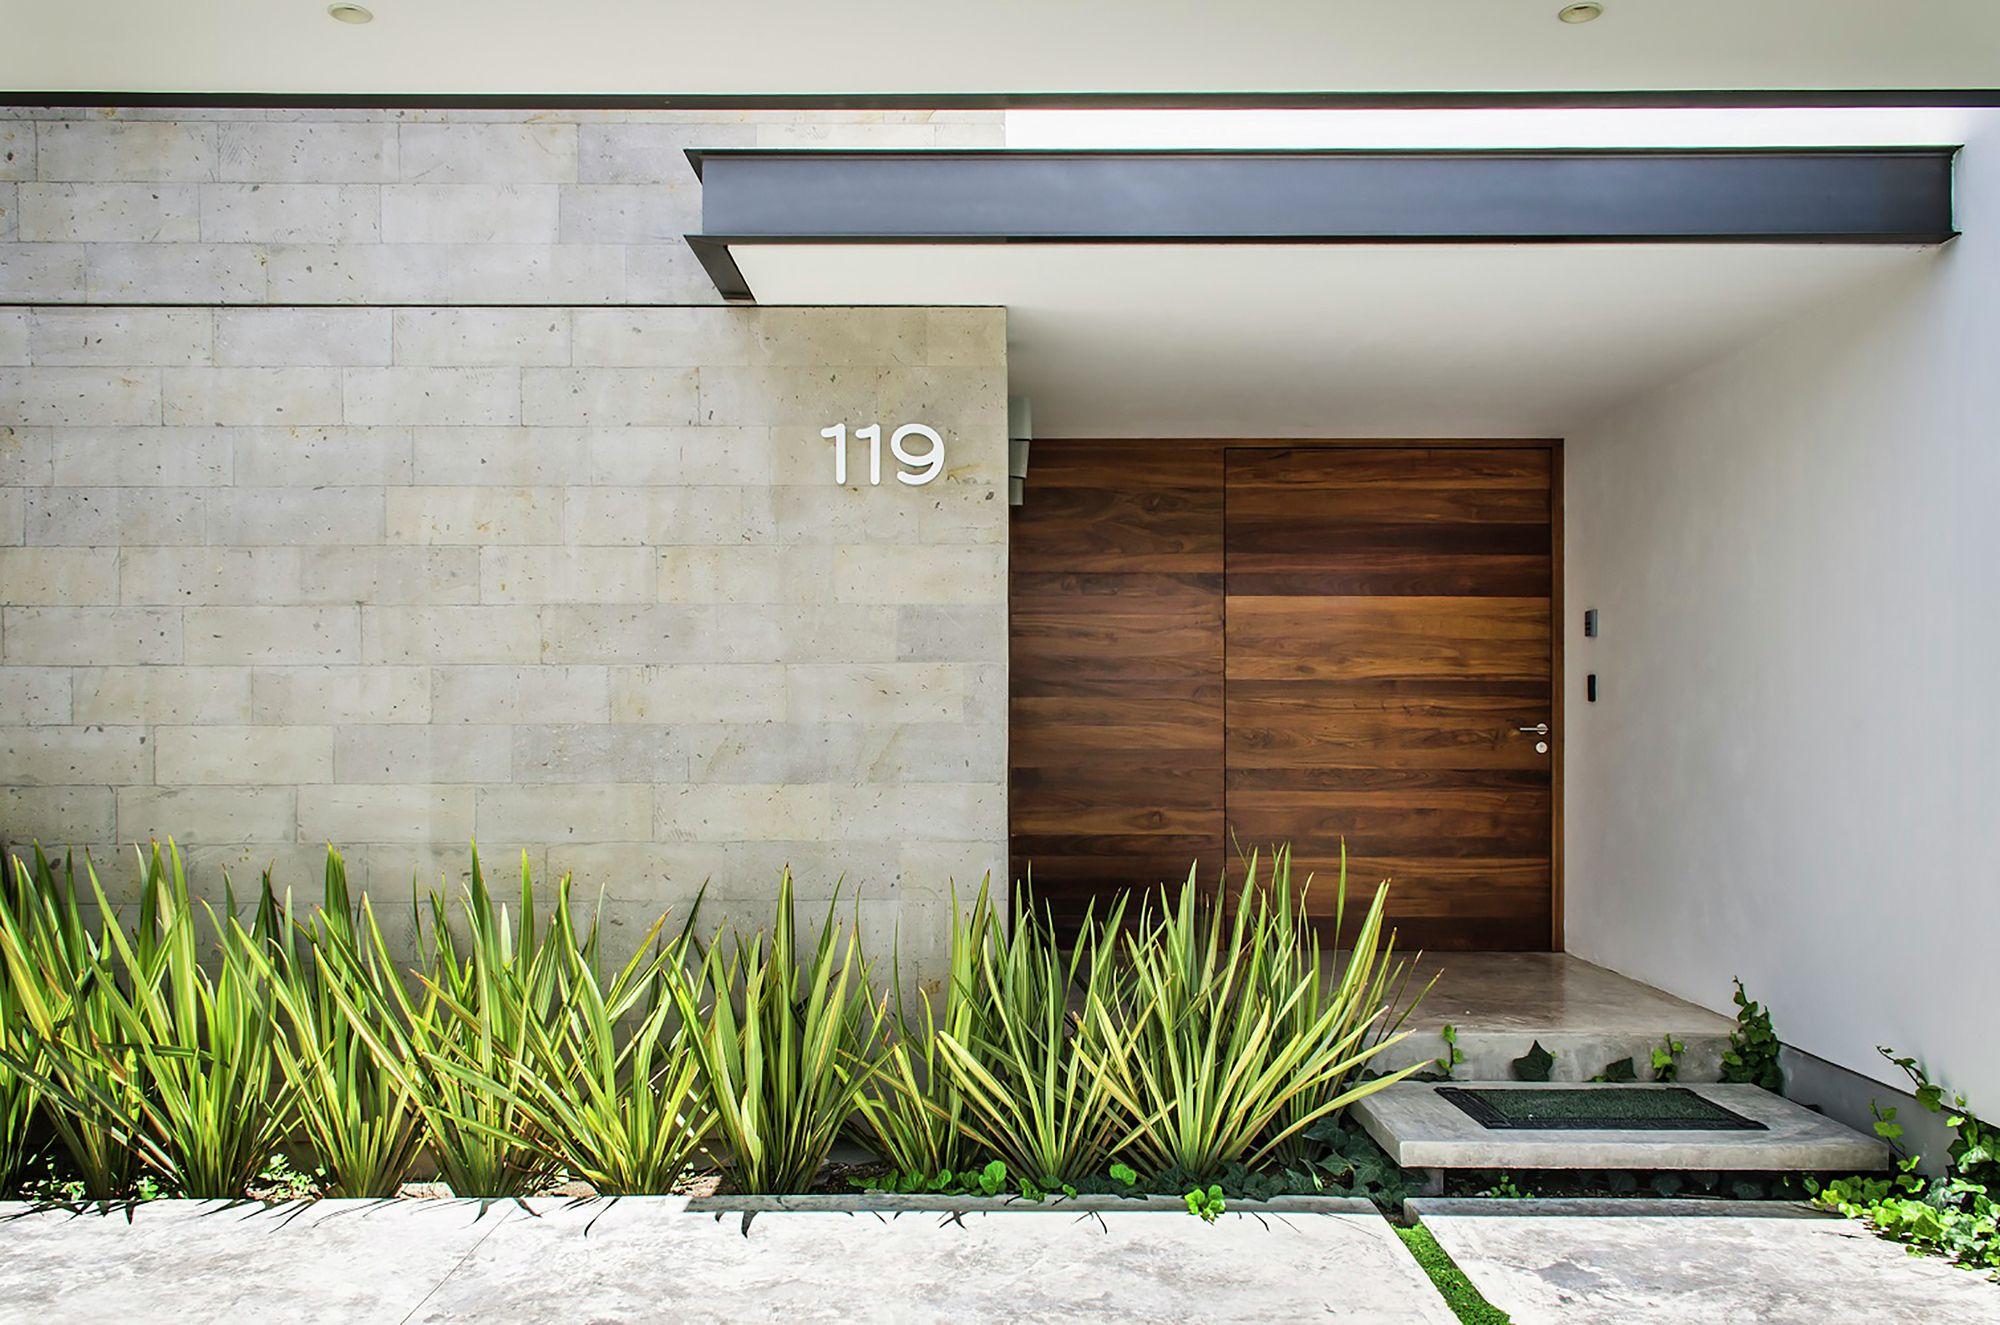 T02 adi arquitectura y dise o interior arquitectura - Puertas de entrada modernas ...